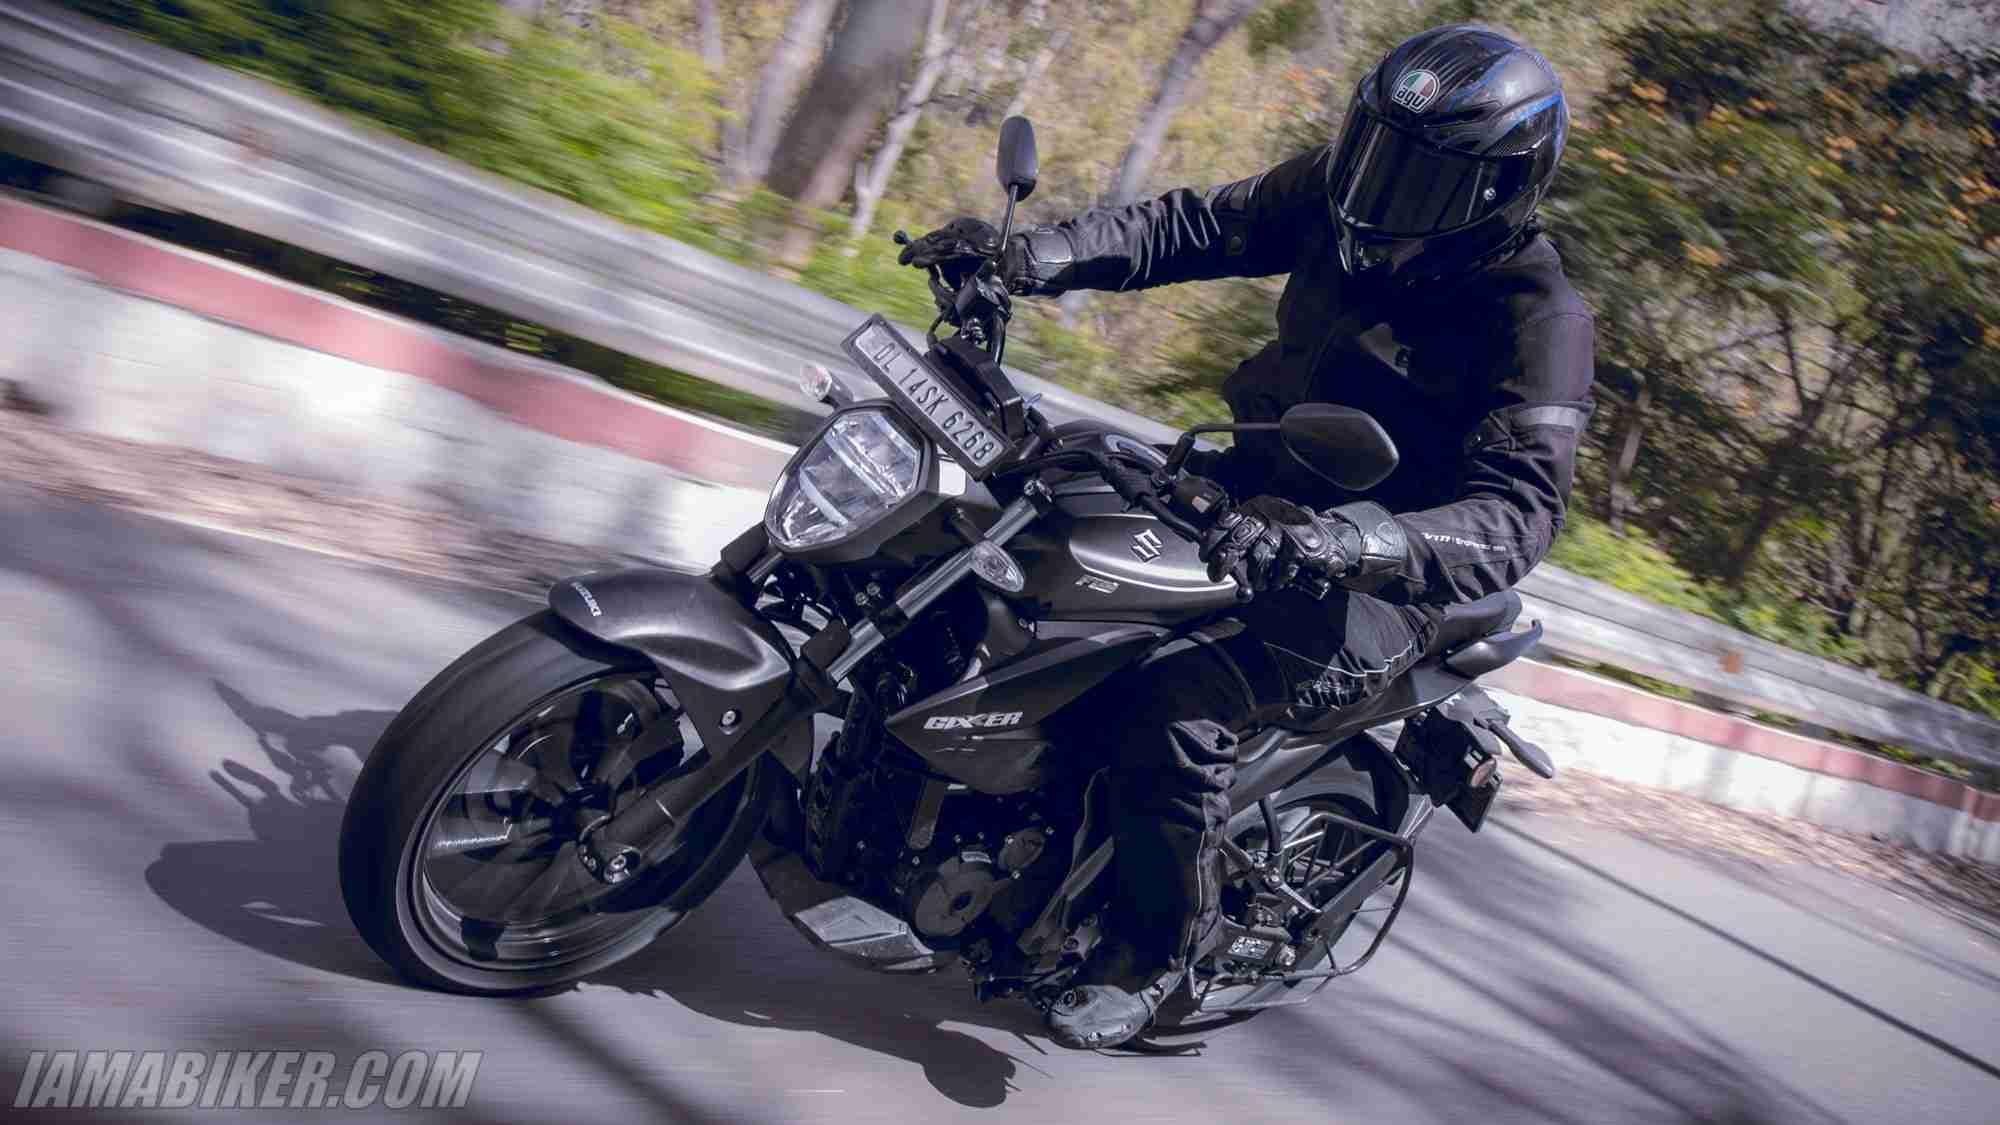 Suzuki Gixxer 250 review